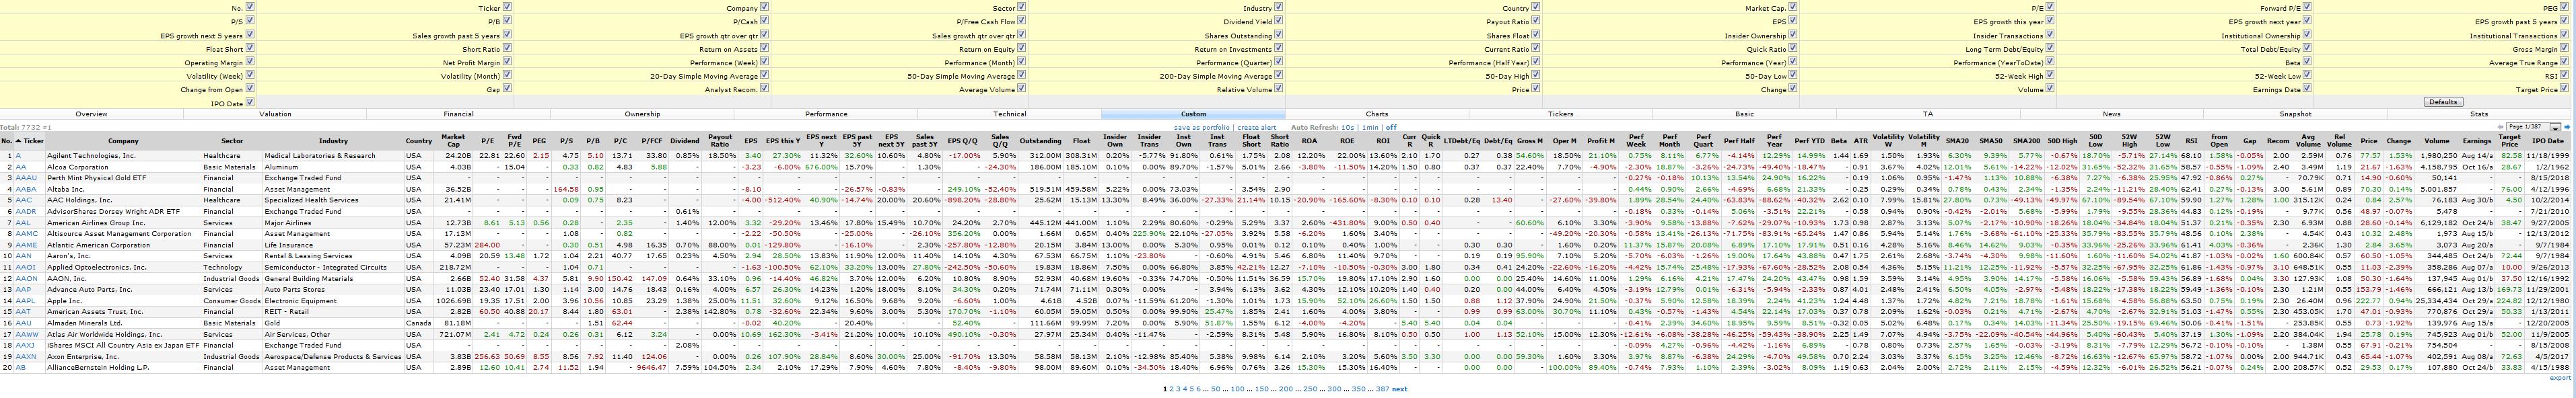 Export criteria | Finviz